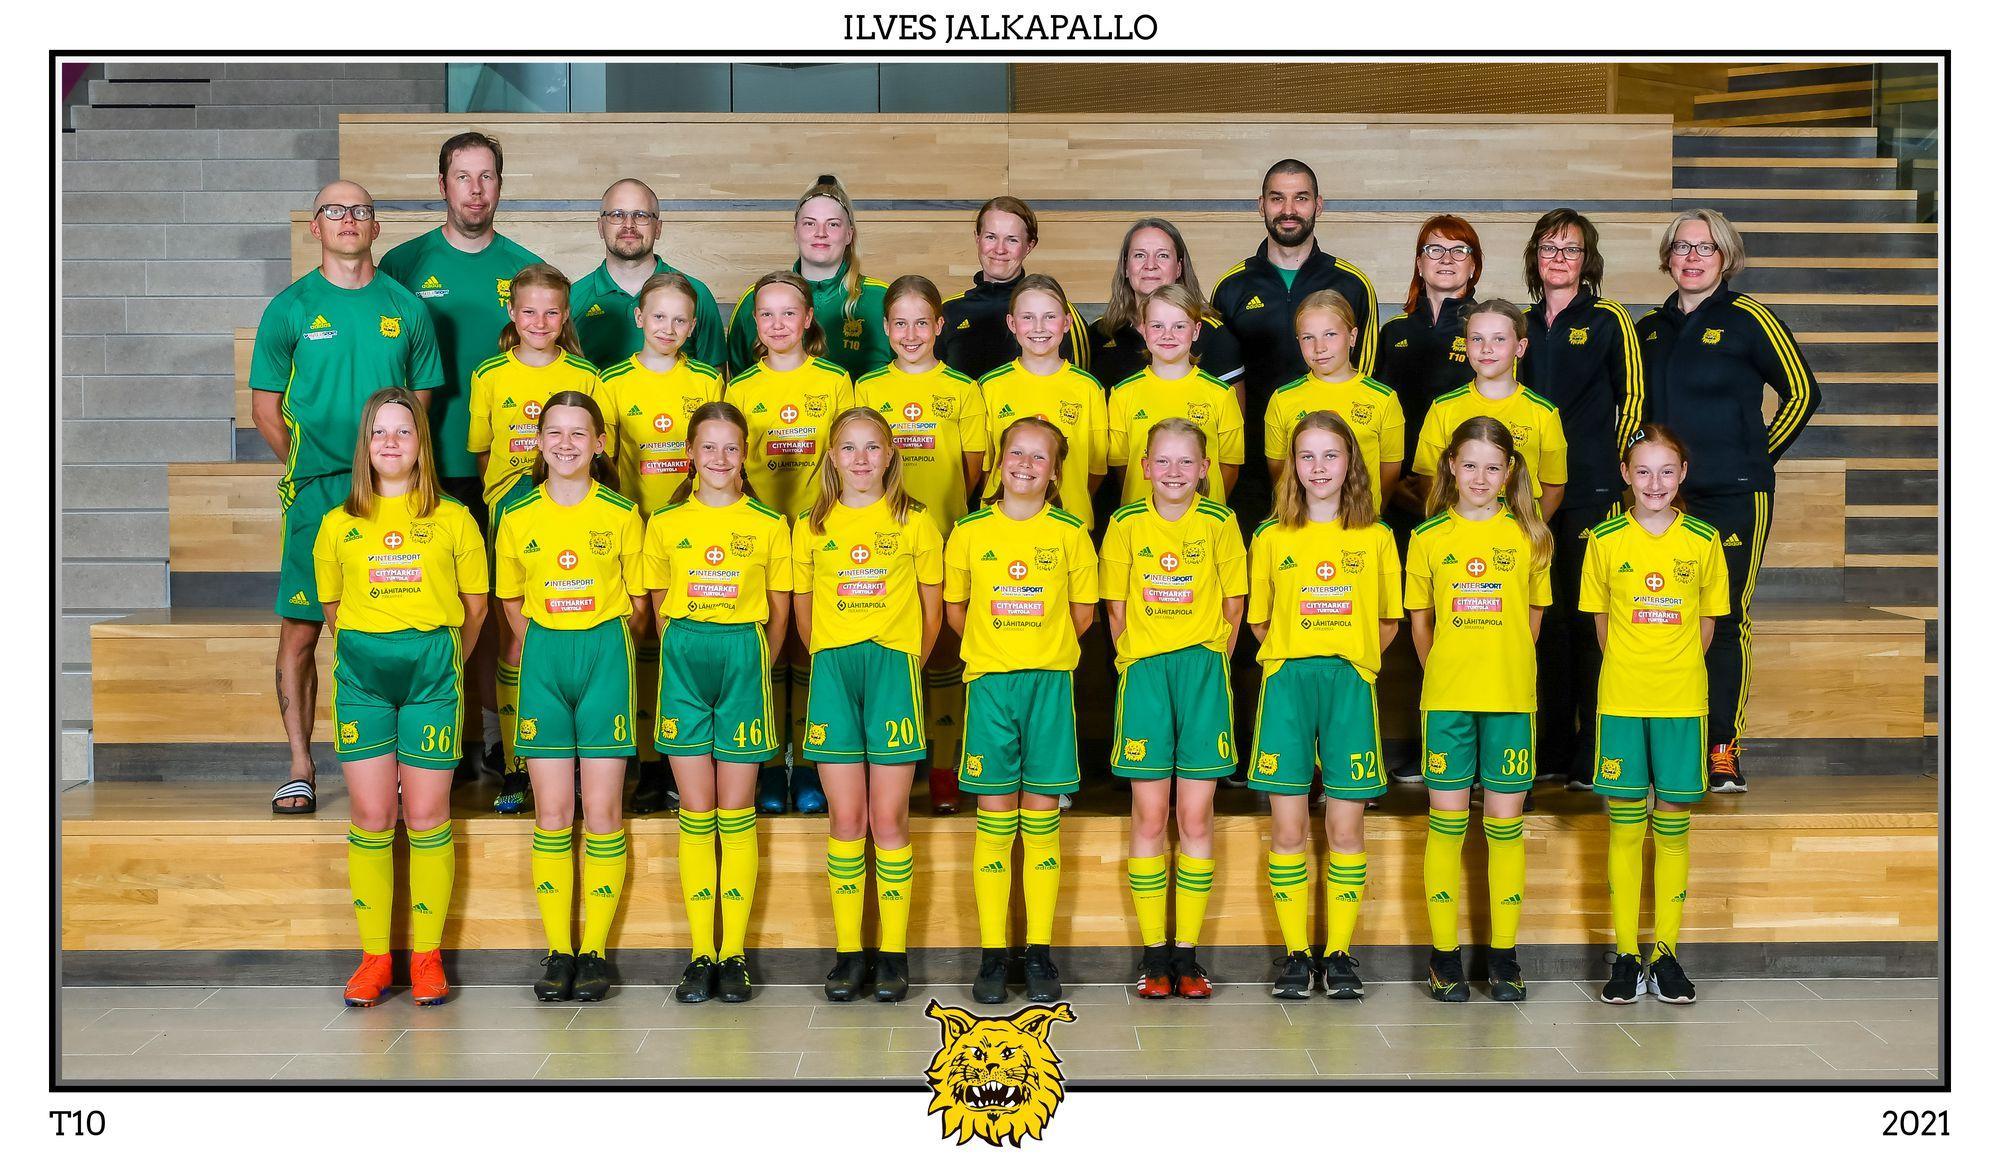 Ilves220621 KLK 5 ilves jalkapallo t10 Urheilukuvaus